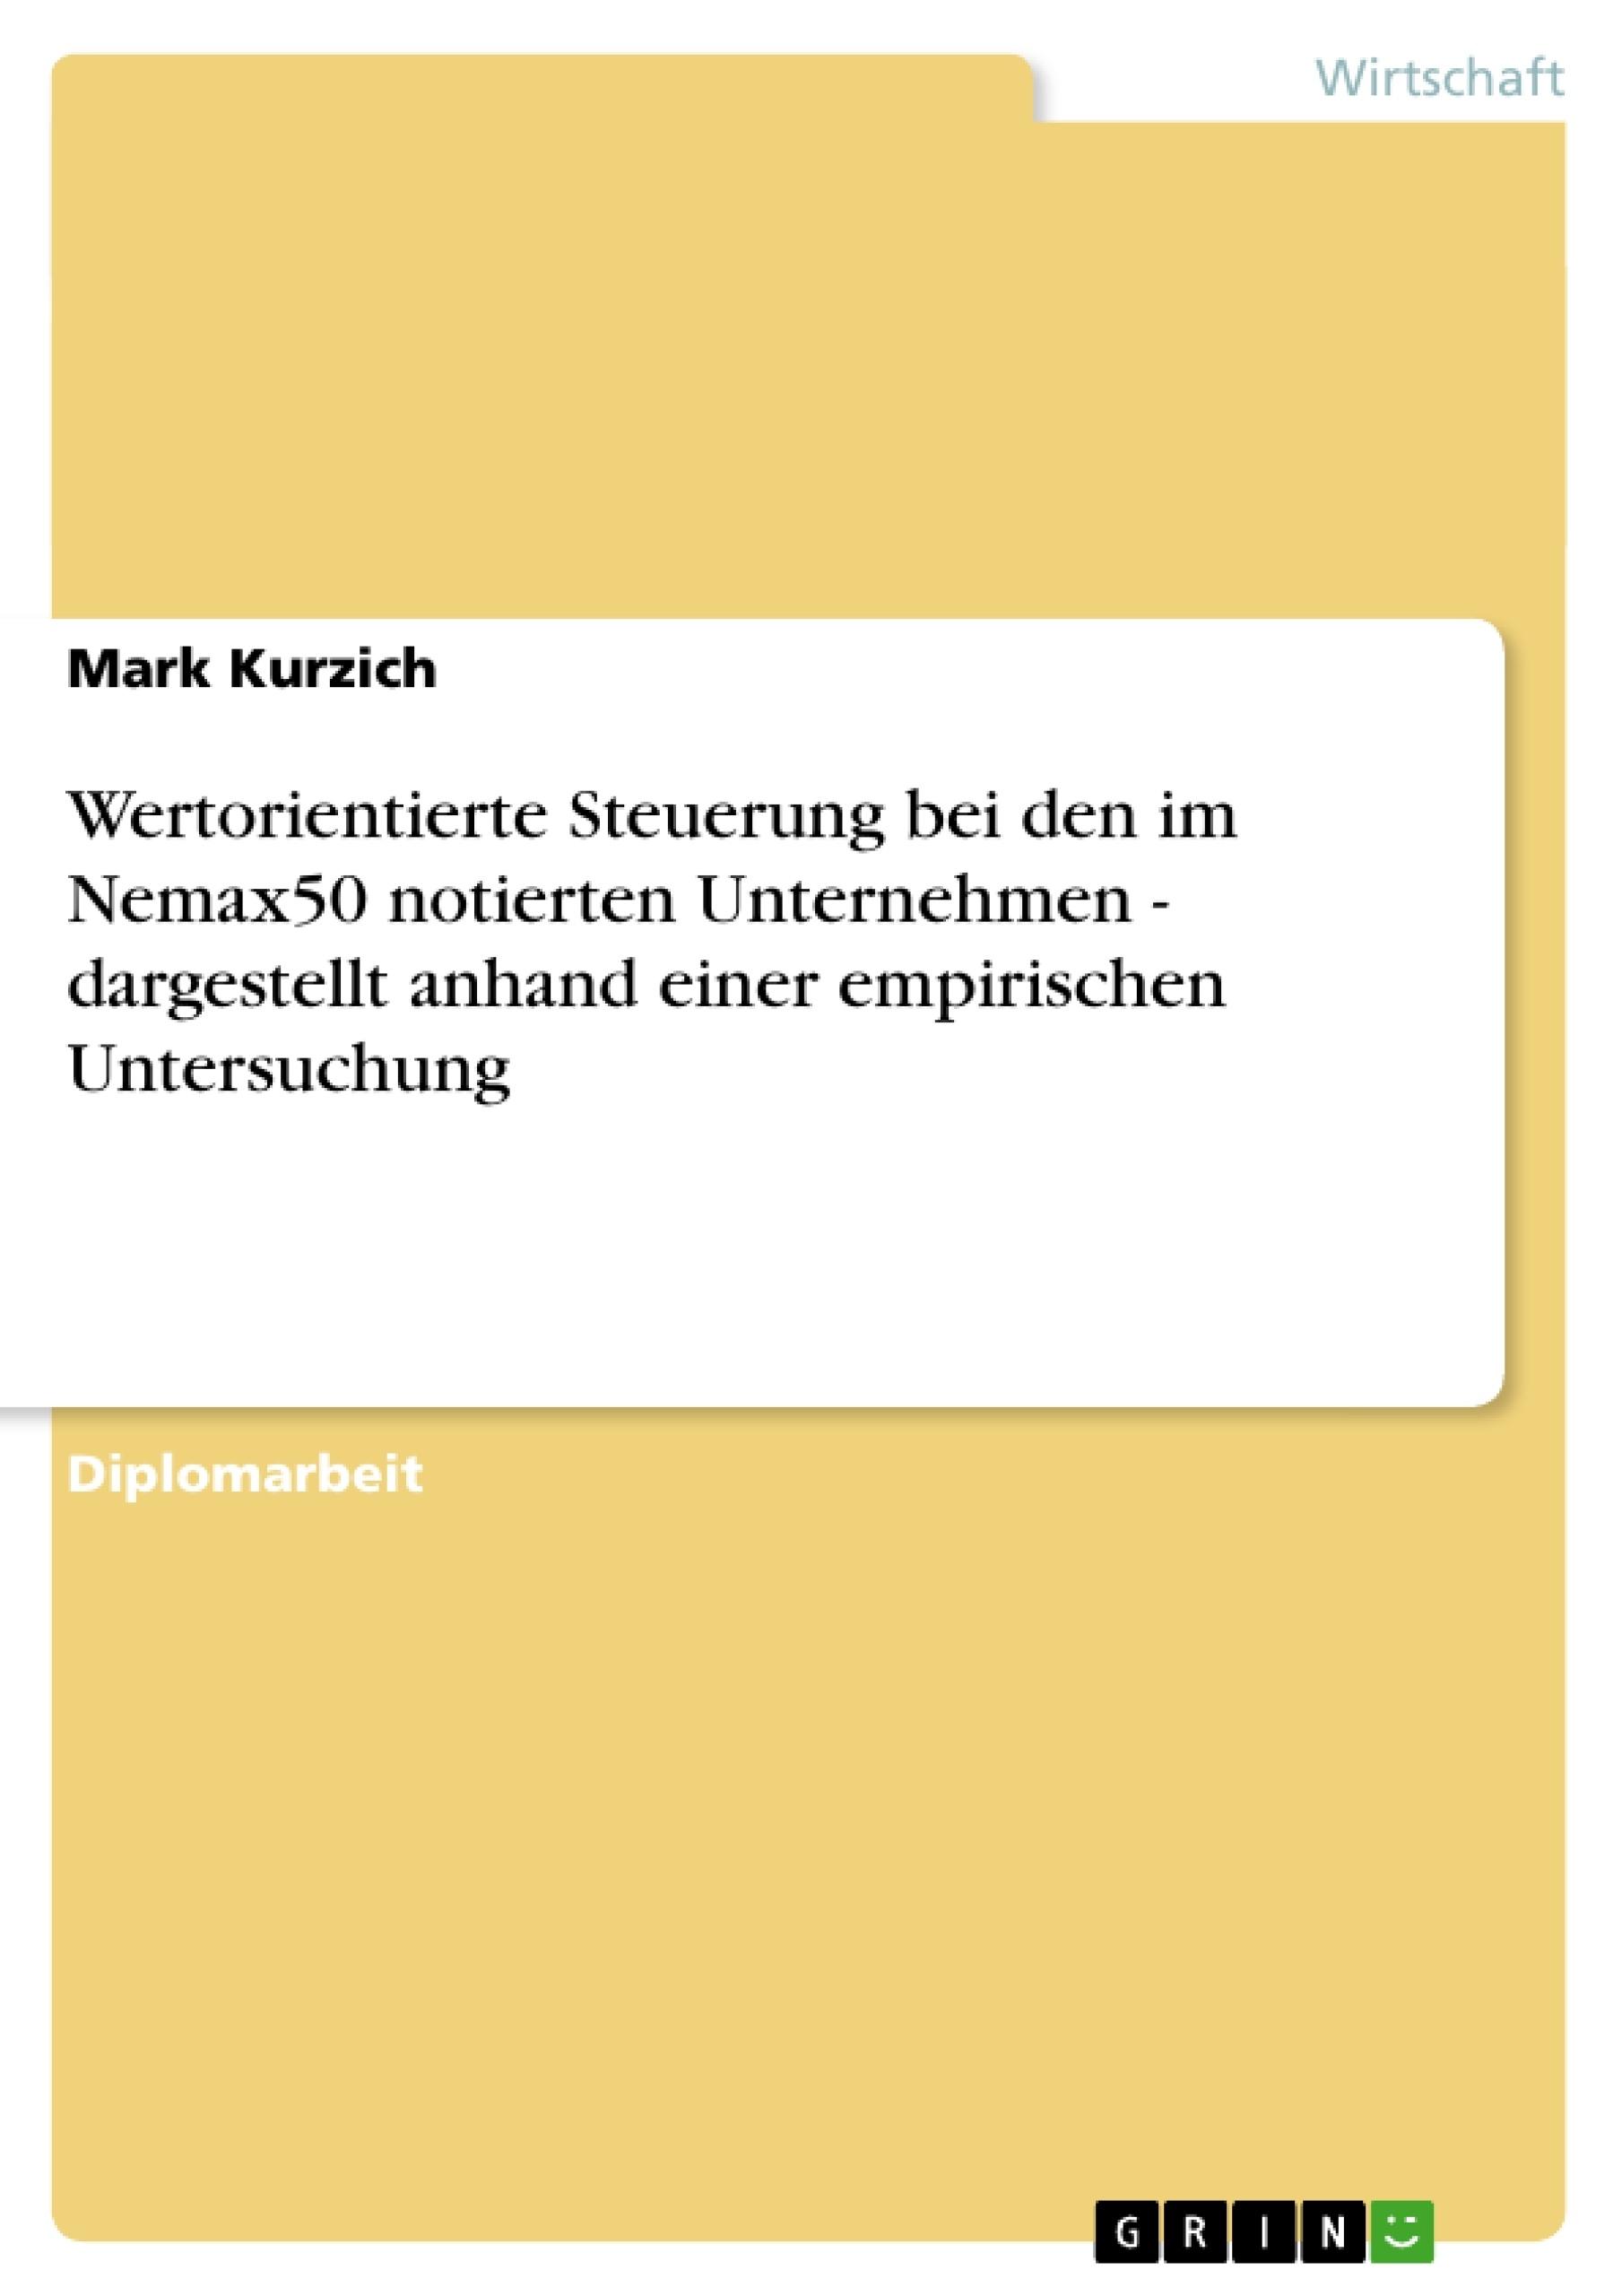 Titel: Wertorientierte Steuerung bei den im Nemax50 notierten Unternehmen - dargestellt anhand einer empirischen Untersuchung